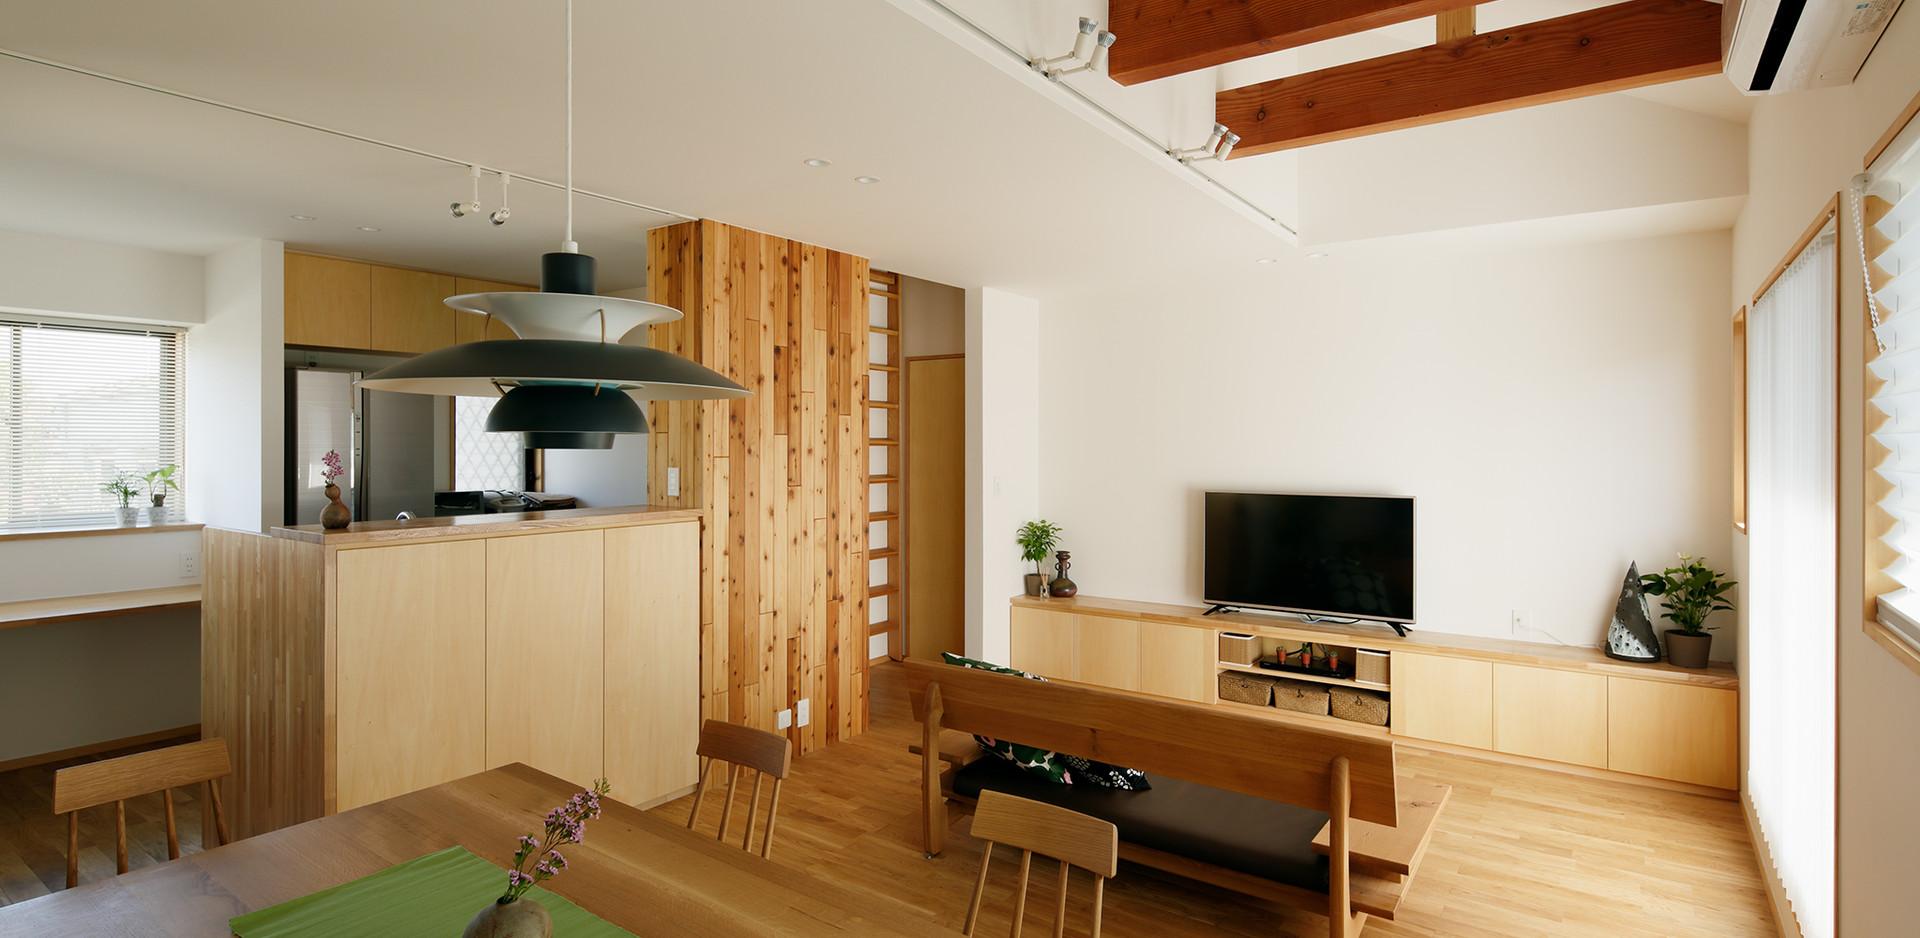 北寺尾の家 4